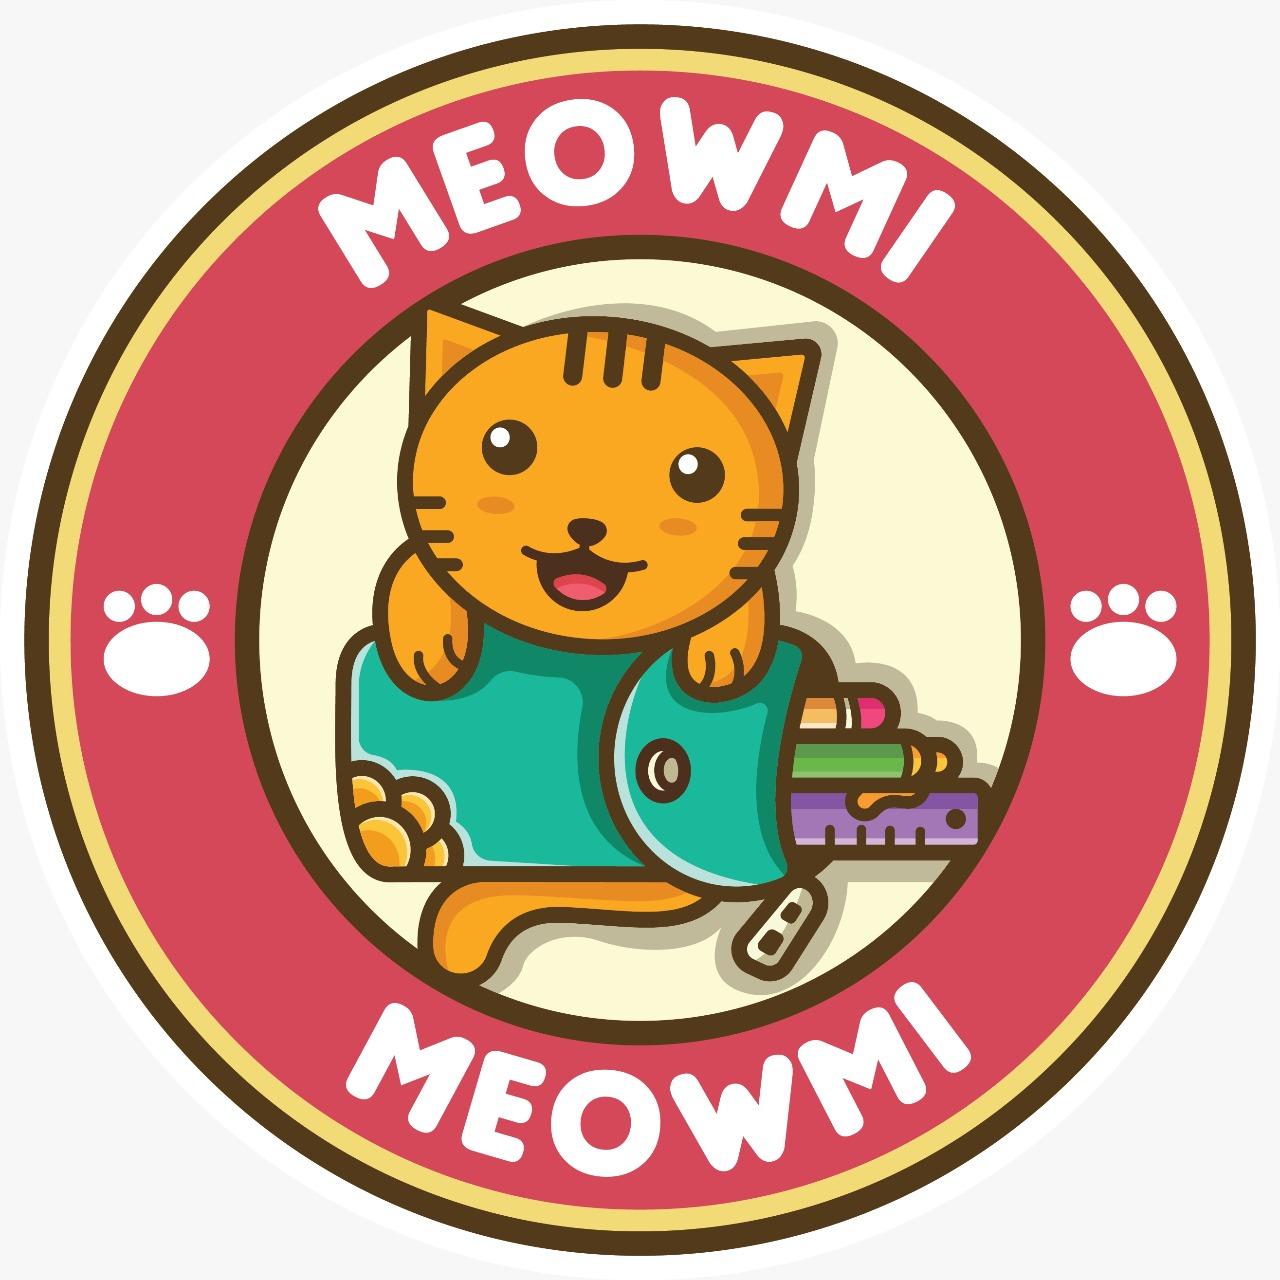 Meowmi logo